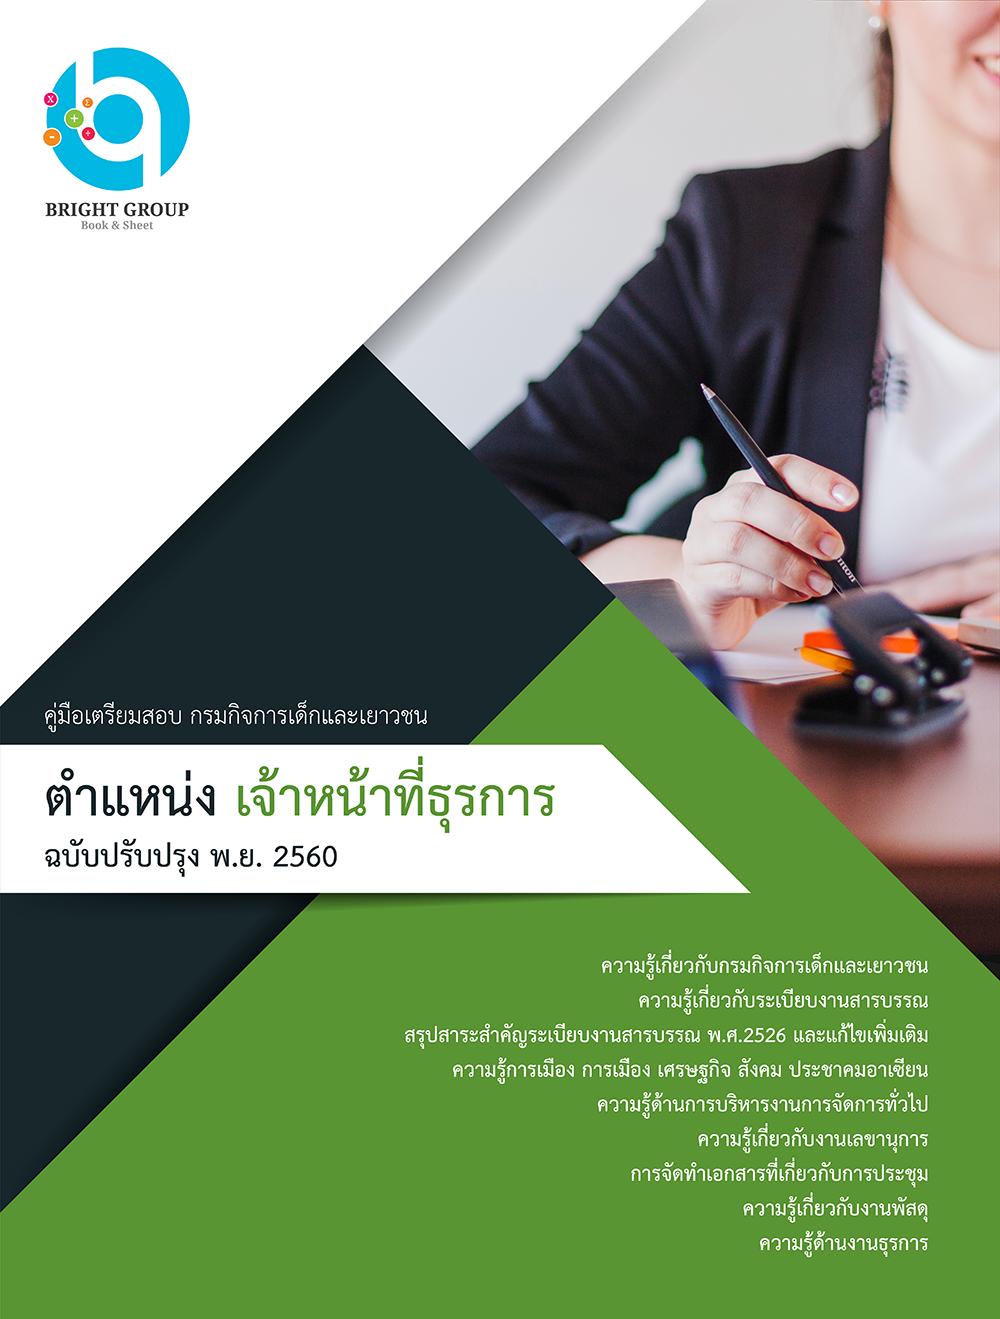 แนวข้อสอบ เจ้าหน้าที่ธุรการ กรมกิจการเด็กและเยาวชน